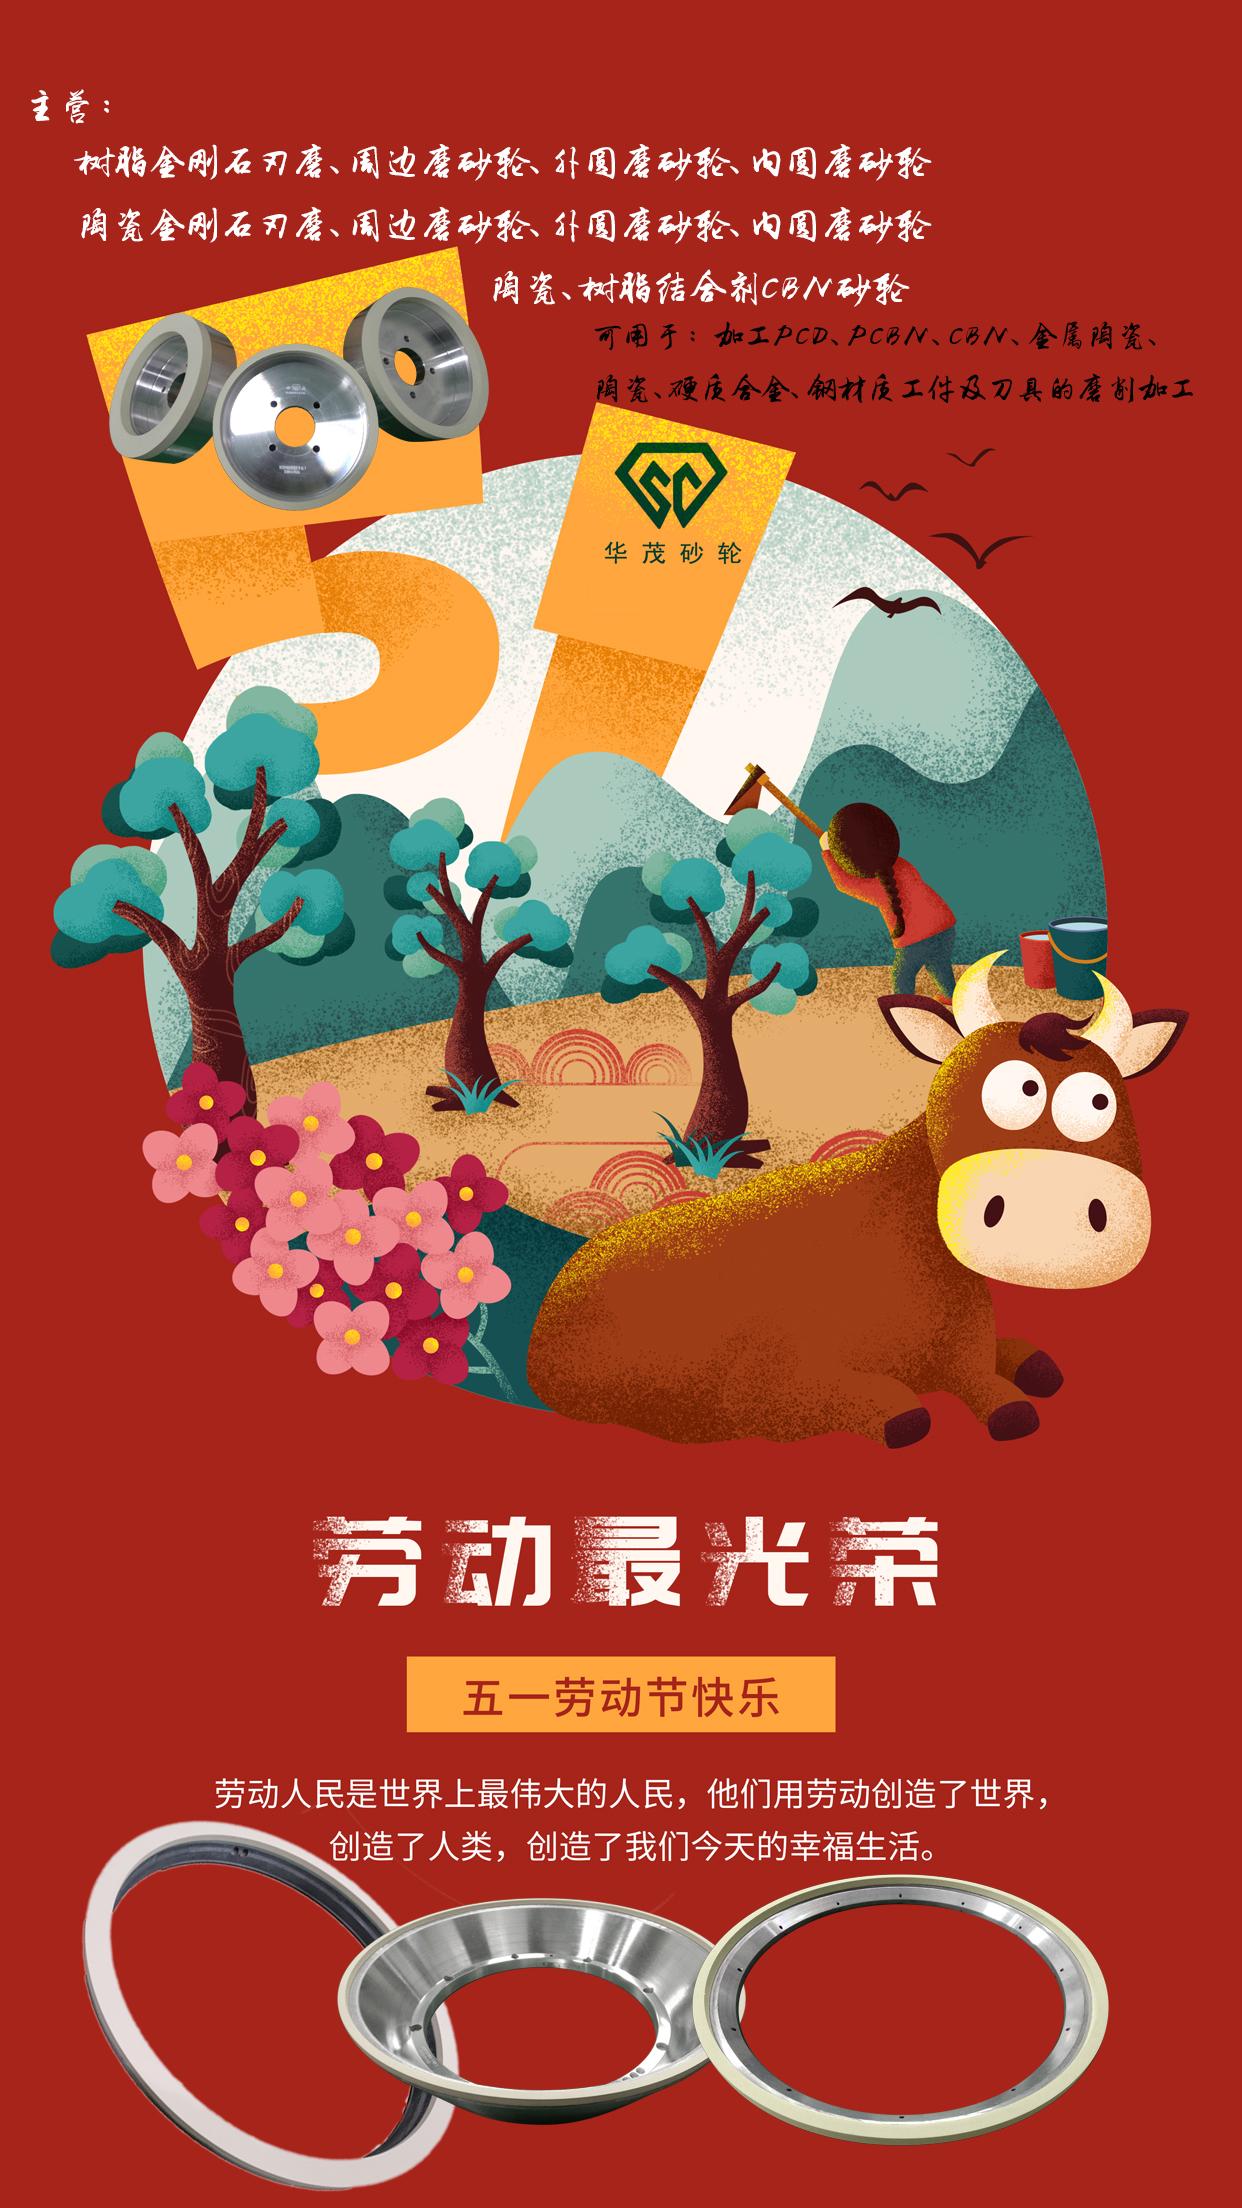 华茂砂轮祝五一劳动节快乐